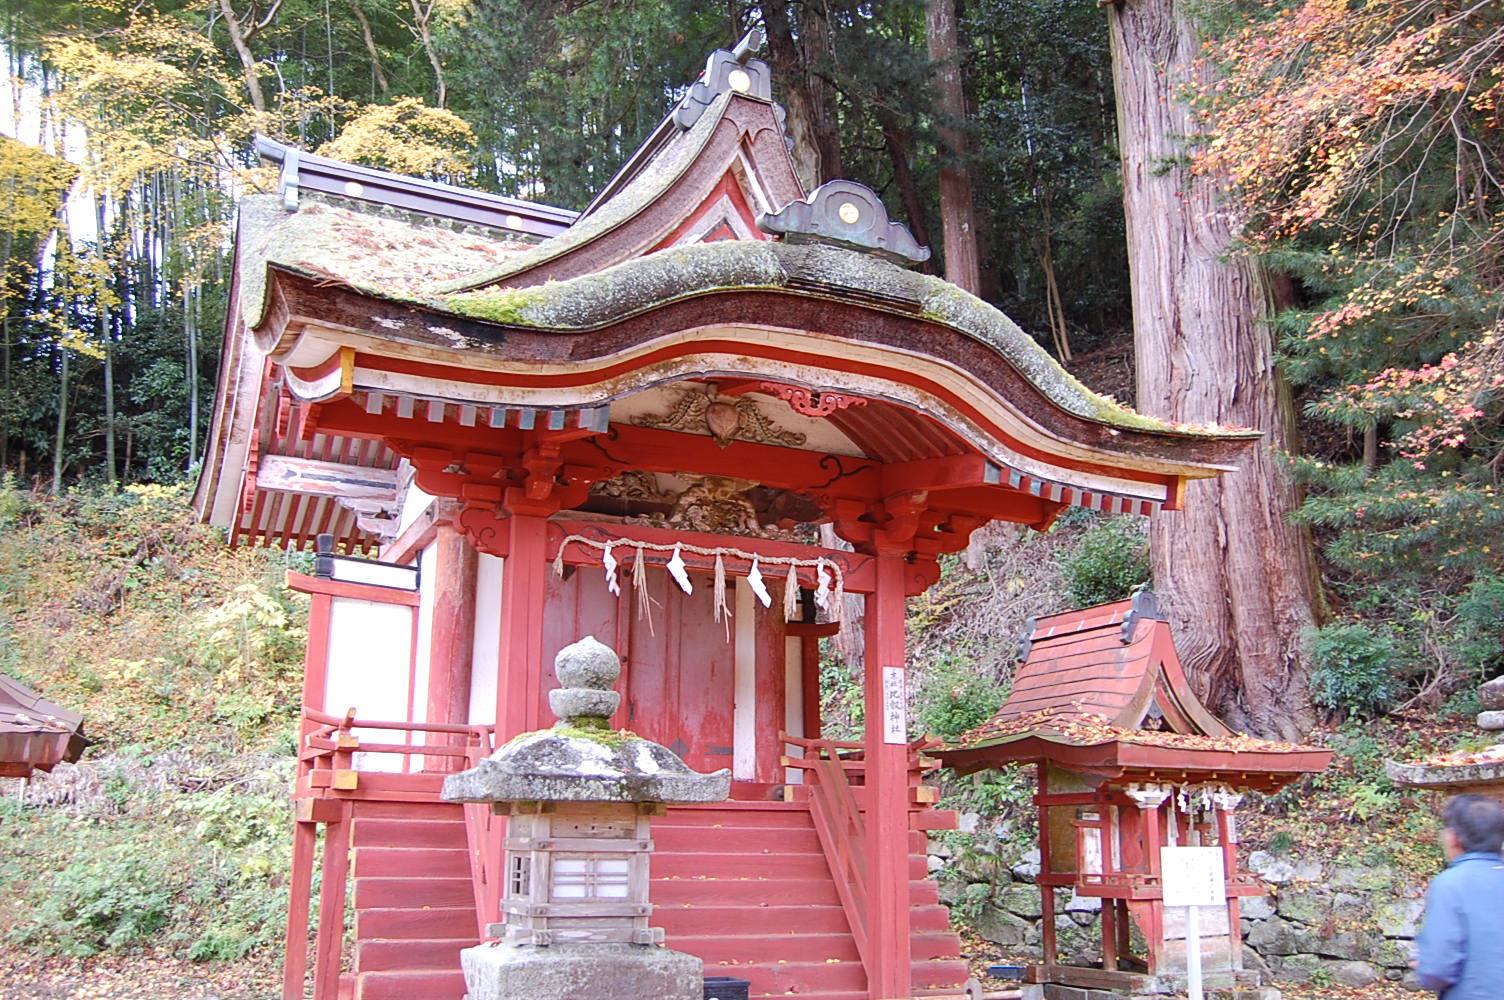 談山神社(妙楽寺)と増賀上人_a0237937_015833.jpg